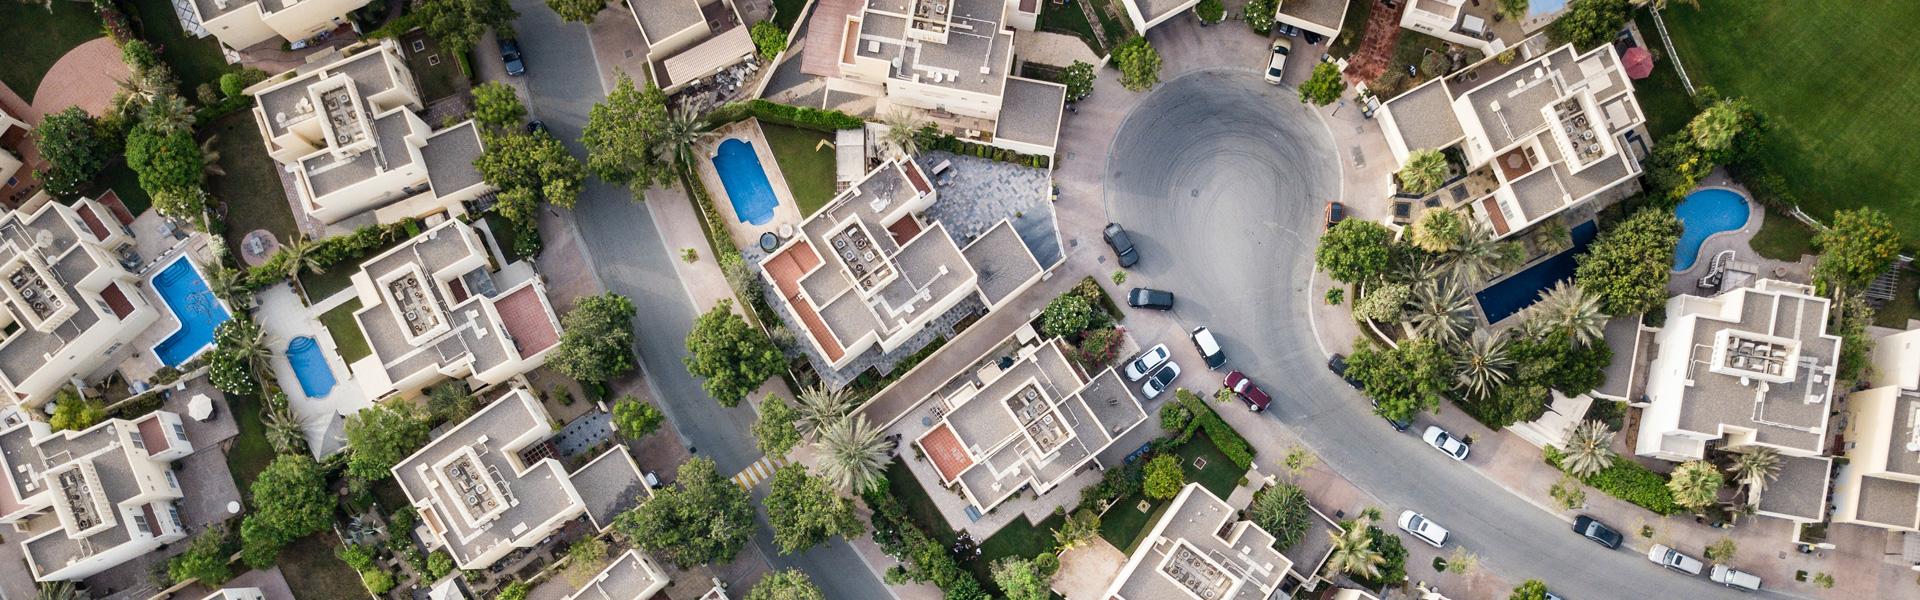 aerial_neighborhood1